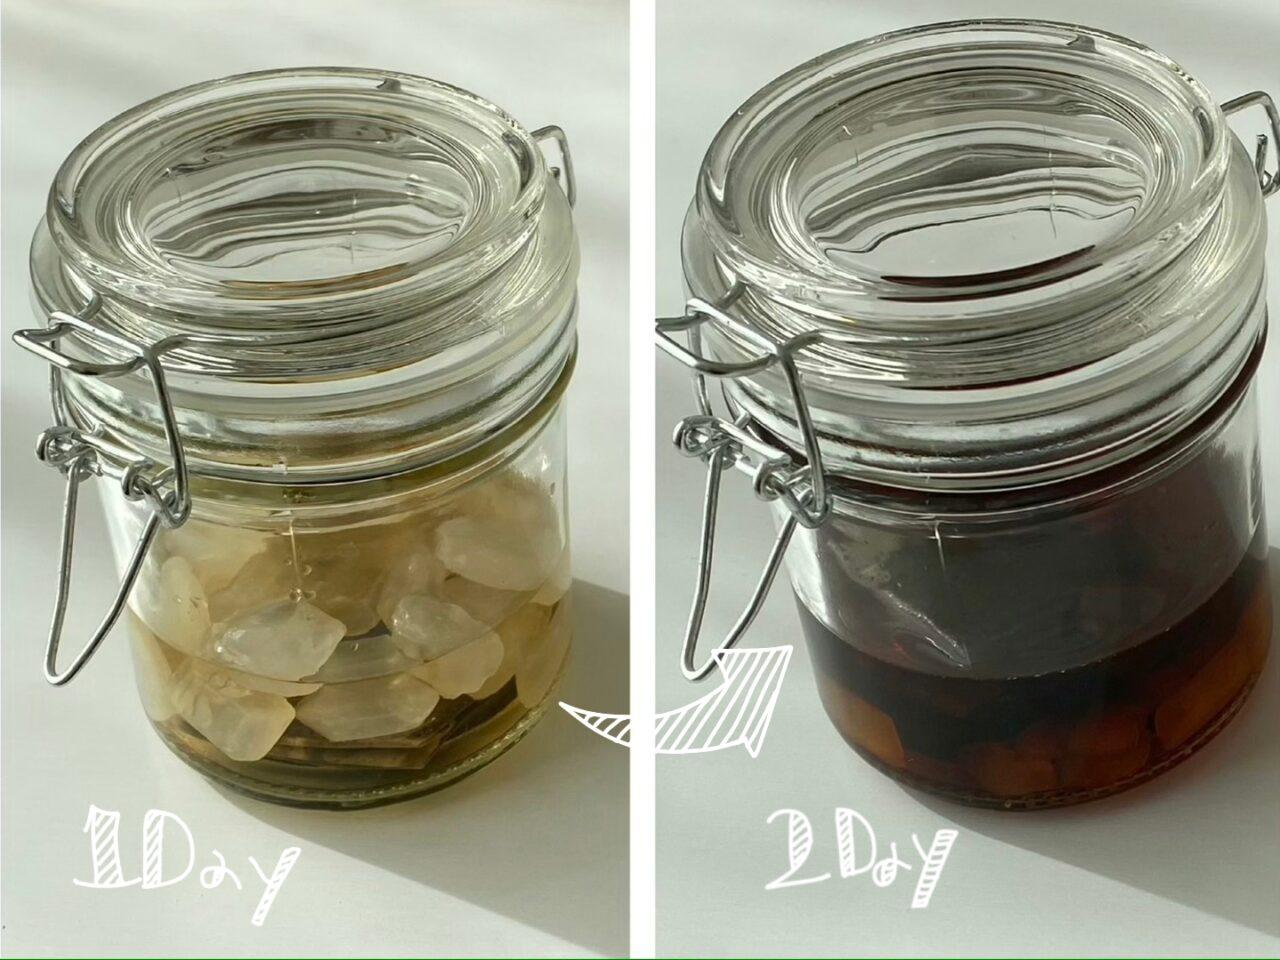 漬けたシロップ漬けの1日目と2日目の比較